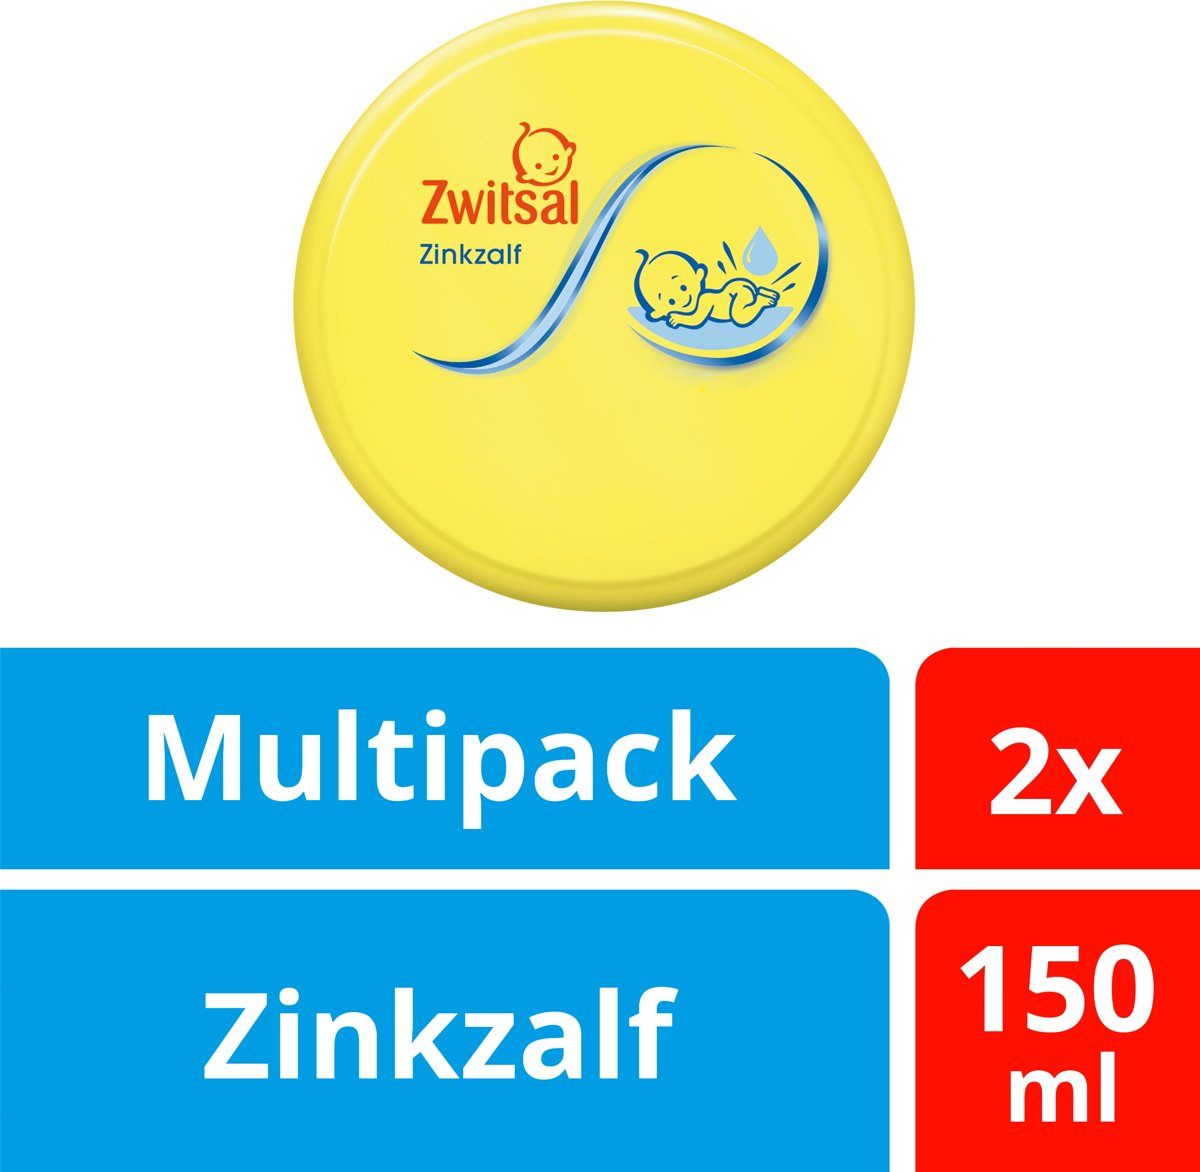 Zwitsal Baby Zinkzalf - 2 x 150 ml -Voordeelverpakking kopen